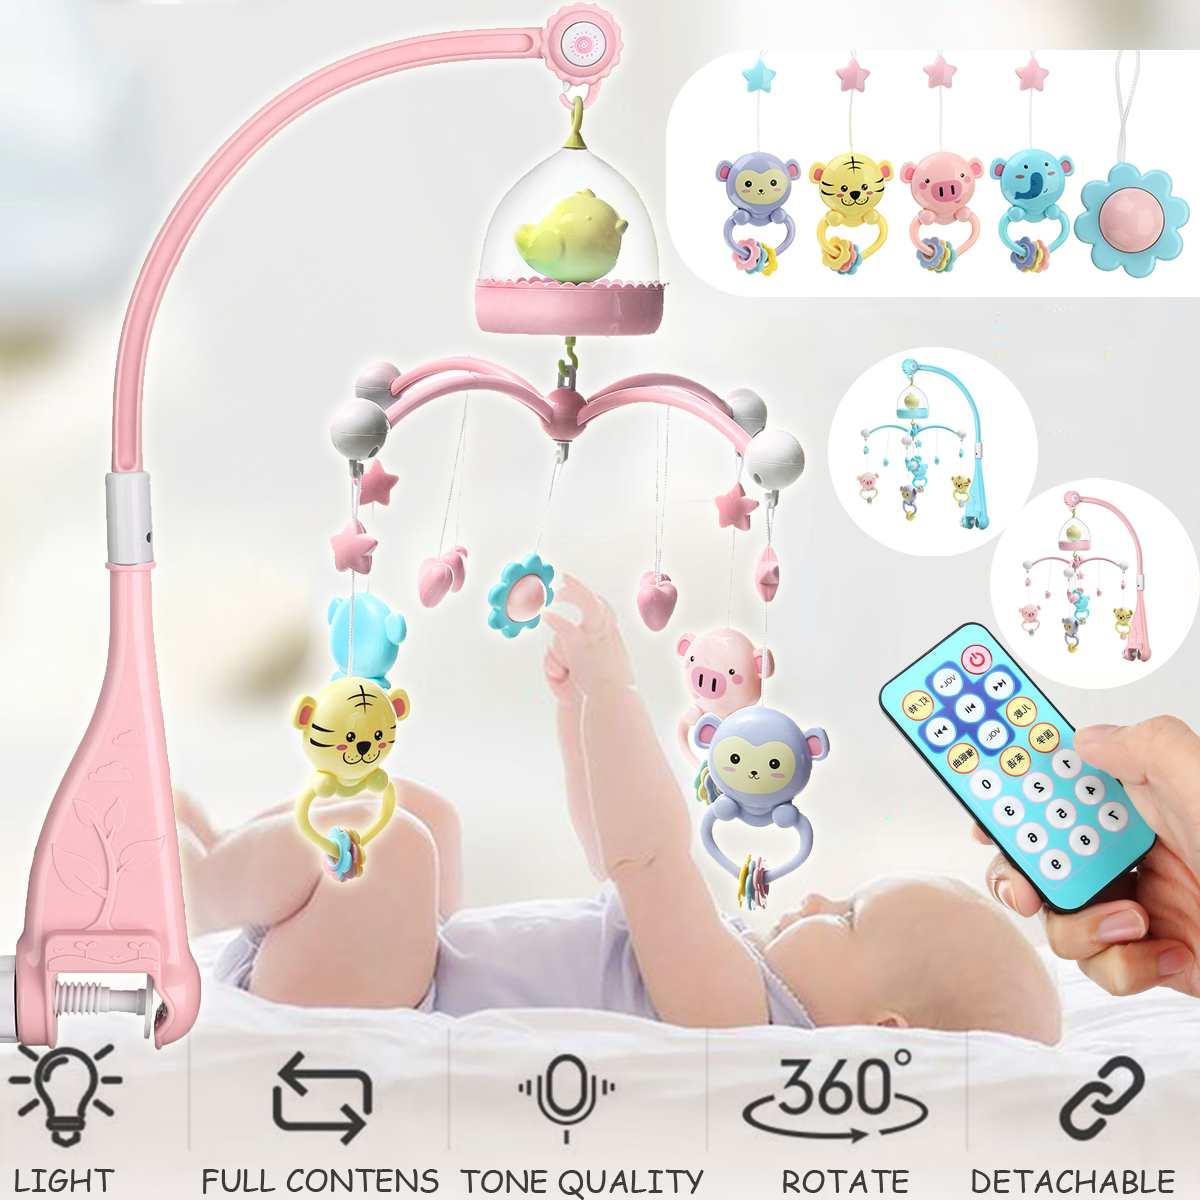 Apprentissage précoce des jouets pour enfants 0-24 mois berceau Mobile lit Musical cloche avec Animal hochets Projection dessin animé jouet